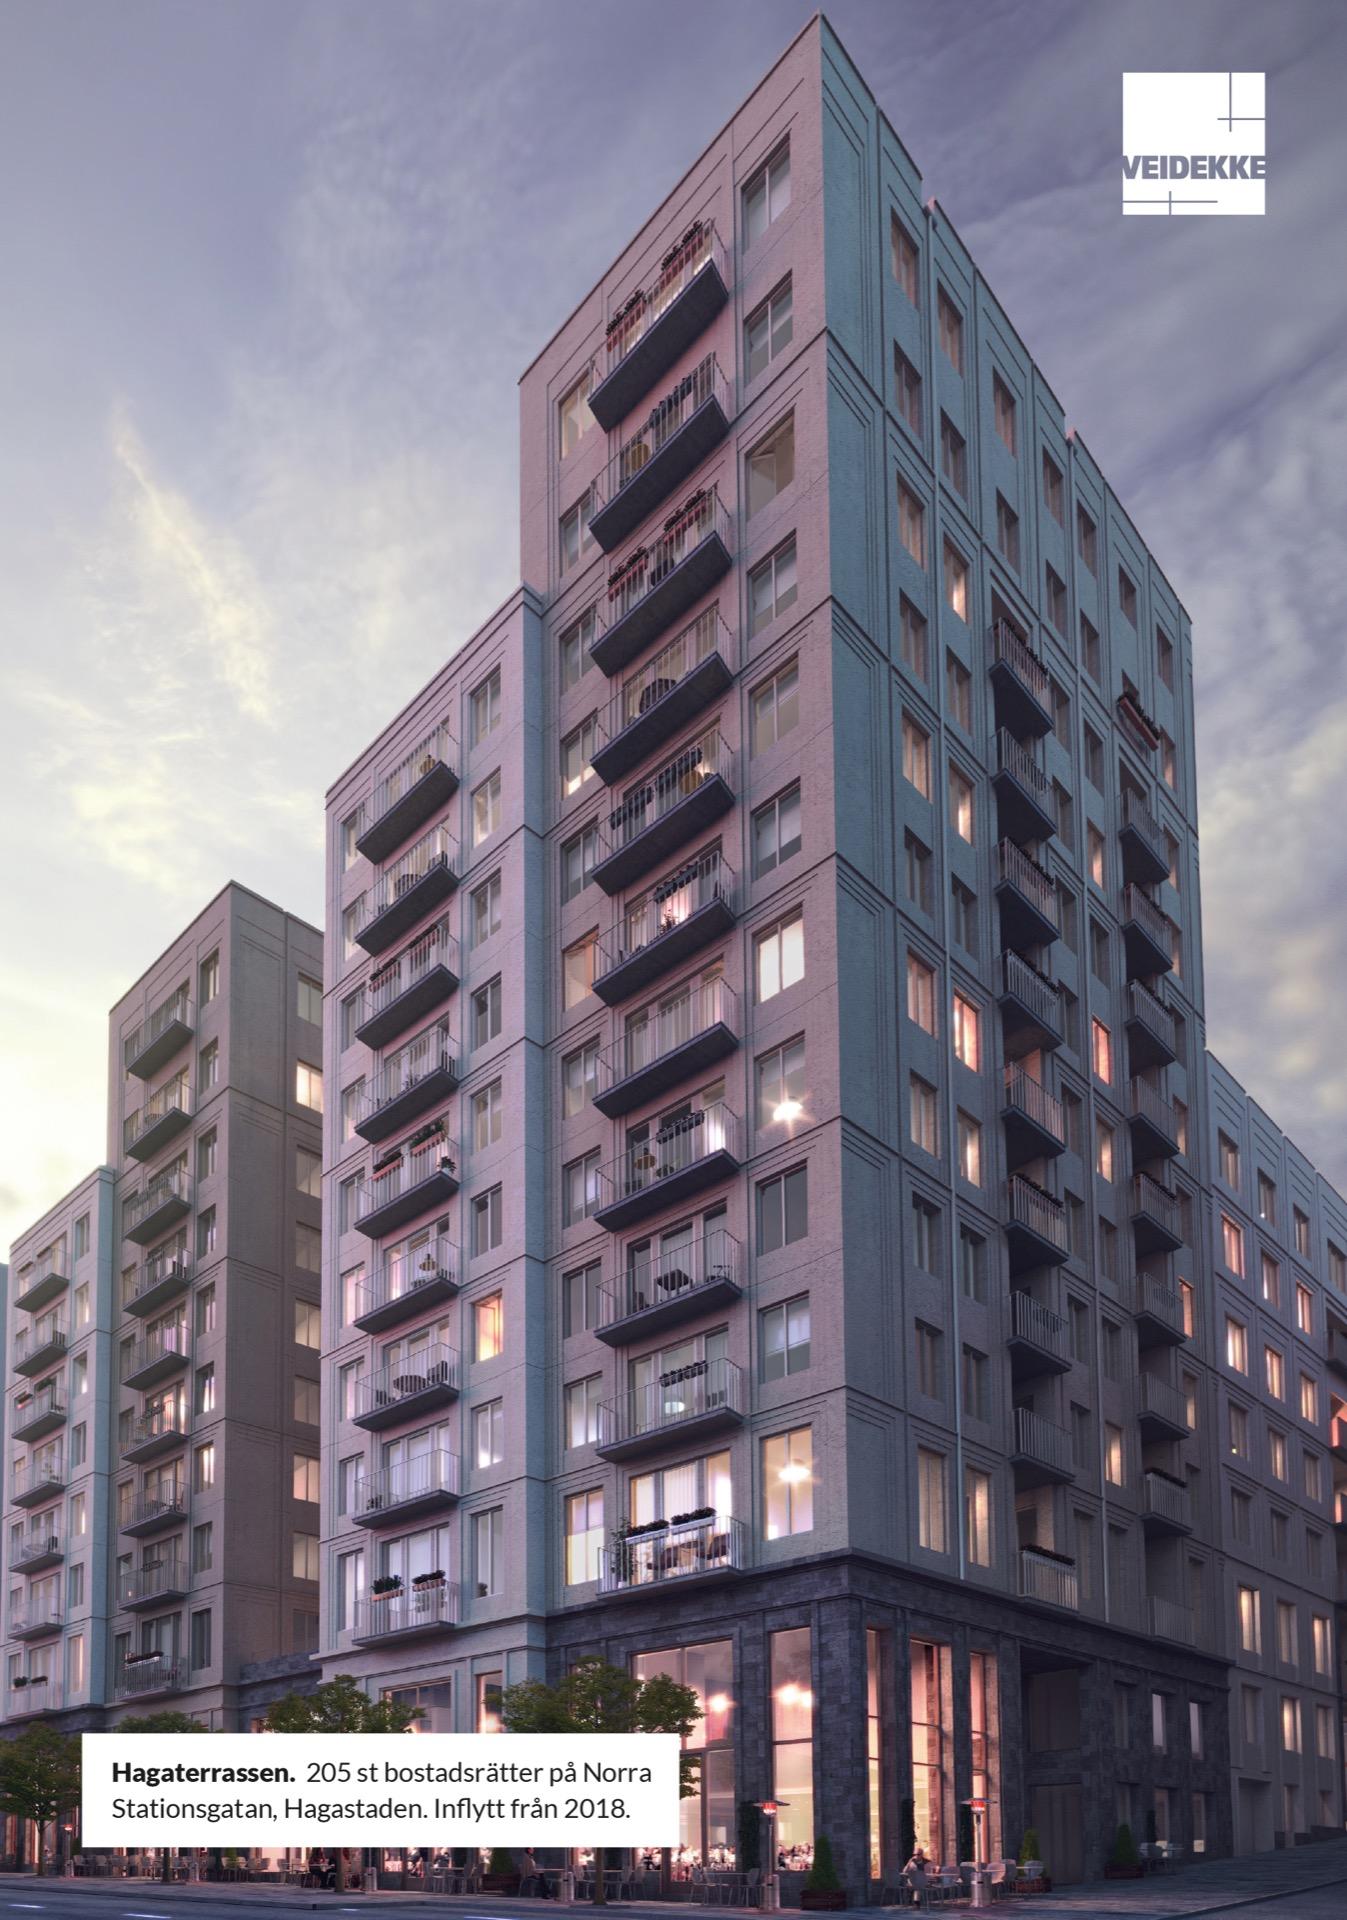 Hagaterrassen. 205 st bostadsrätter på Norra Stationsgatan, Hagastaden. Inflytt från 2018. Veidekke Bostad